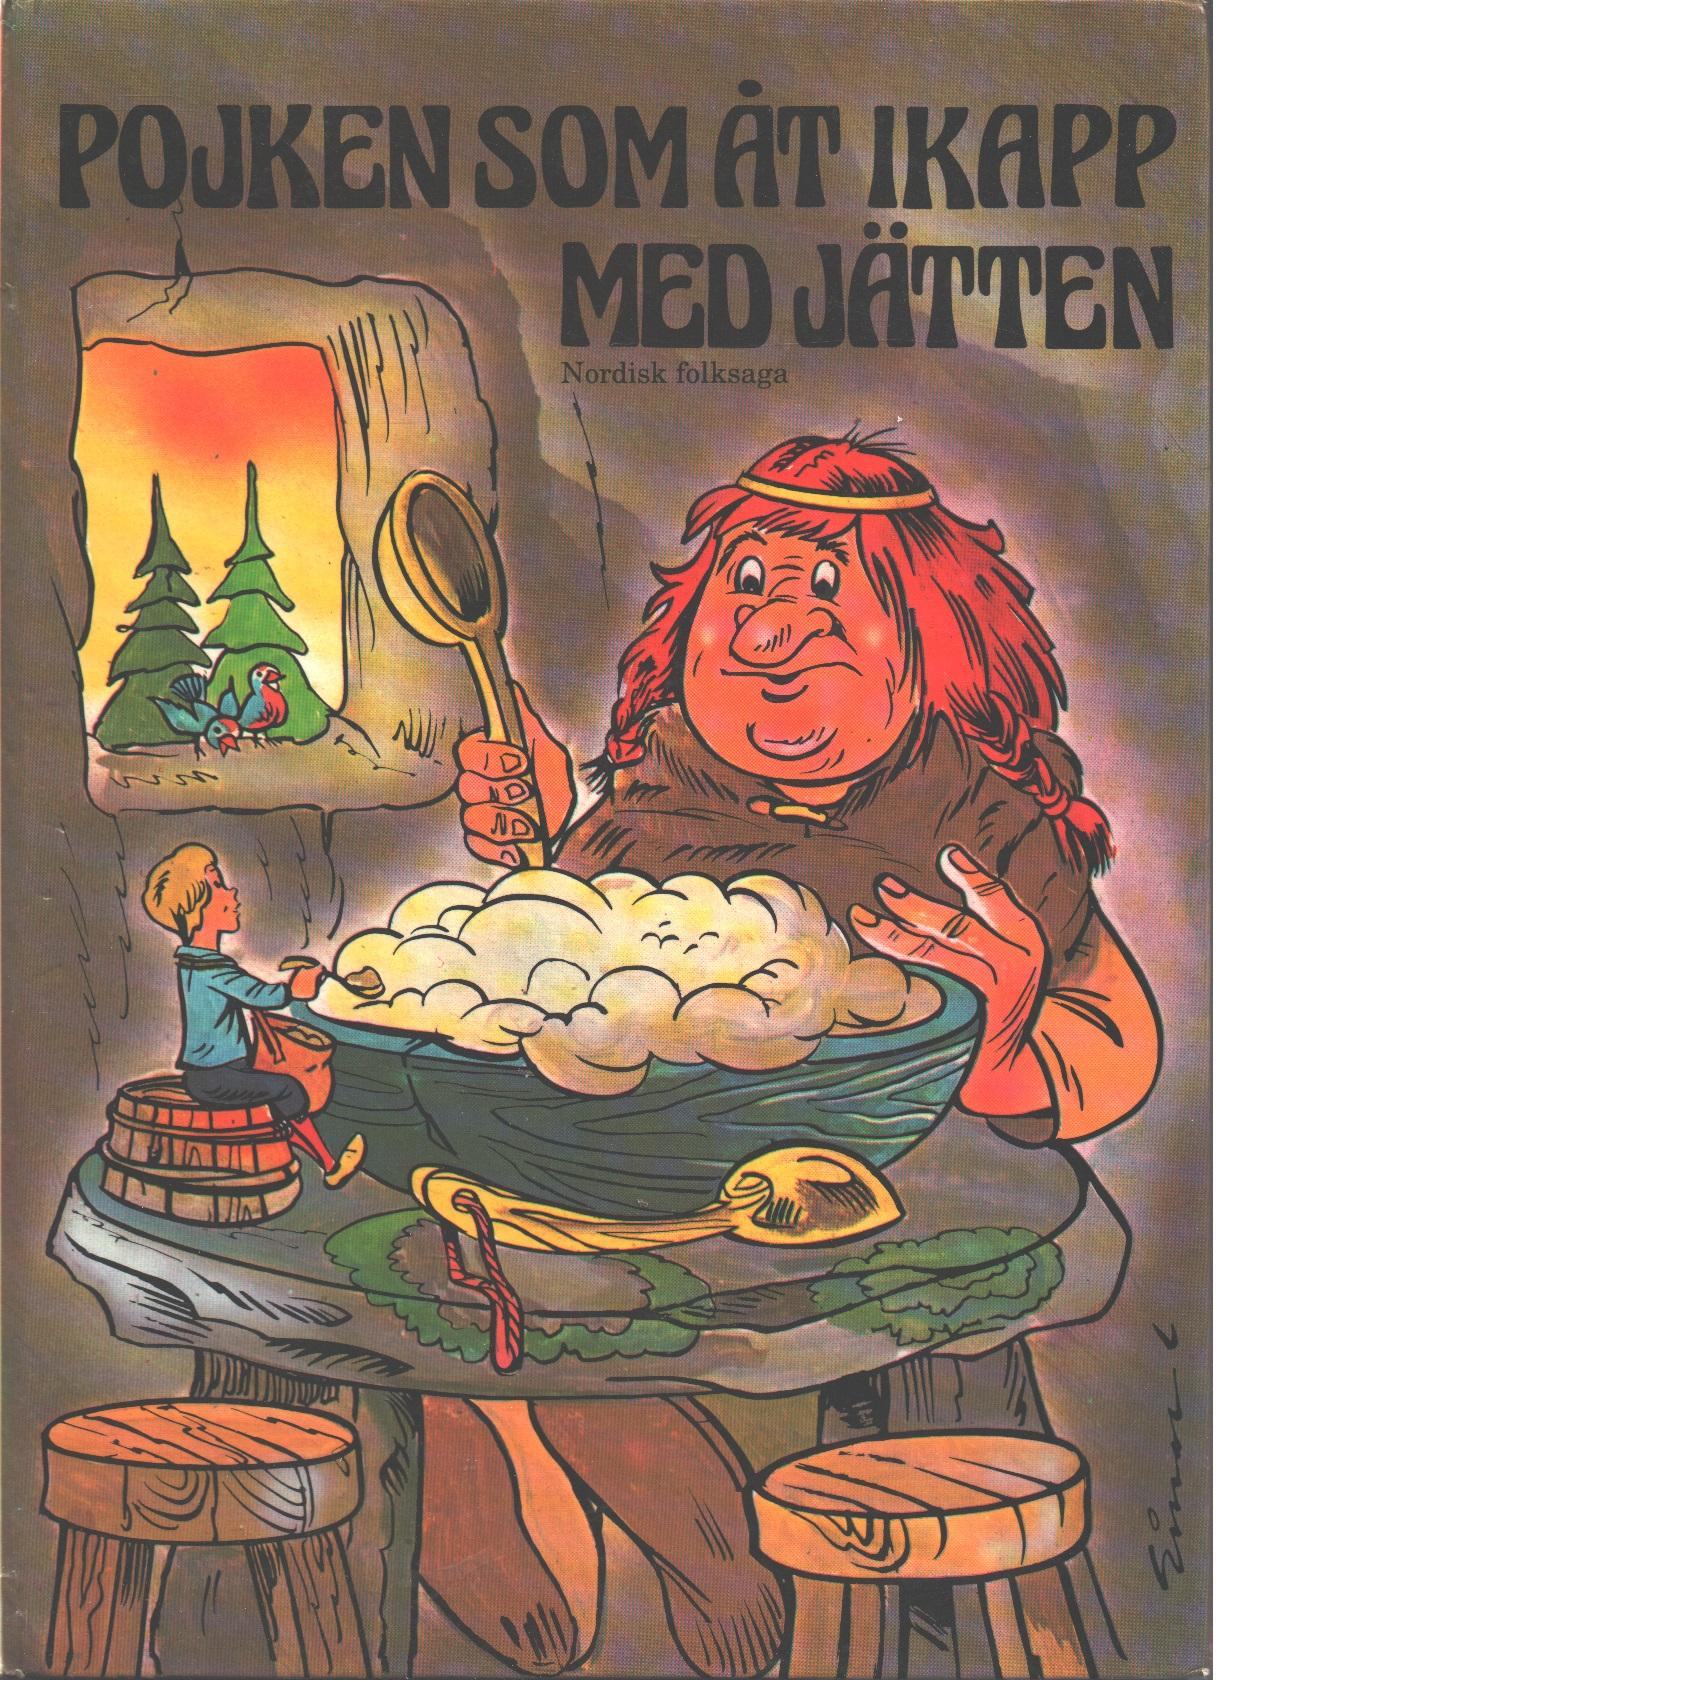 Pojken som åt ikapp med jätten : nordisk folksaga - Asbjørnsen, Peter Christen